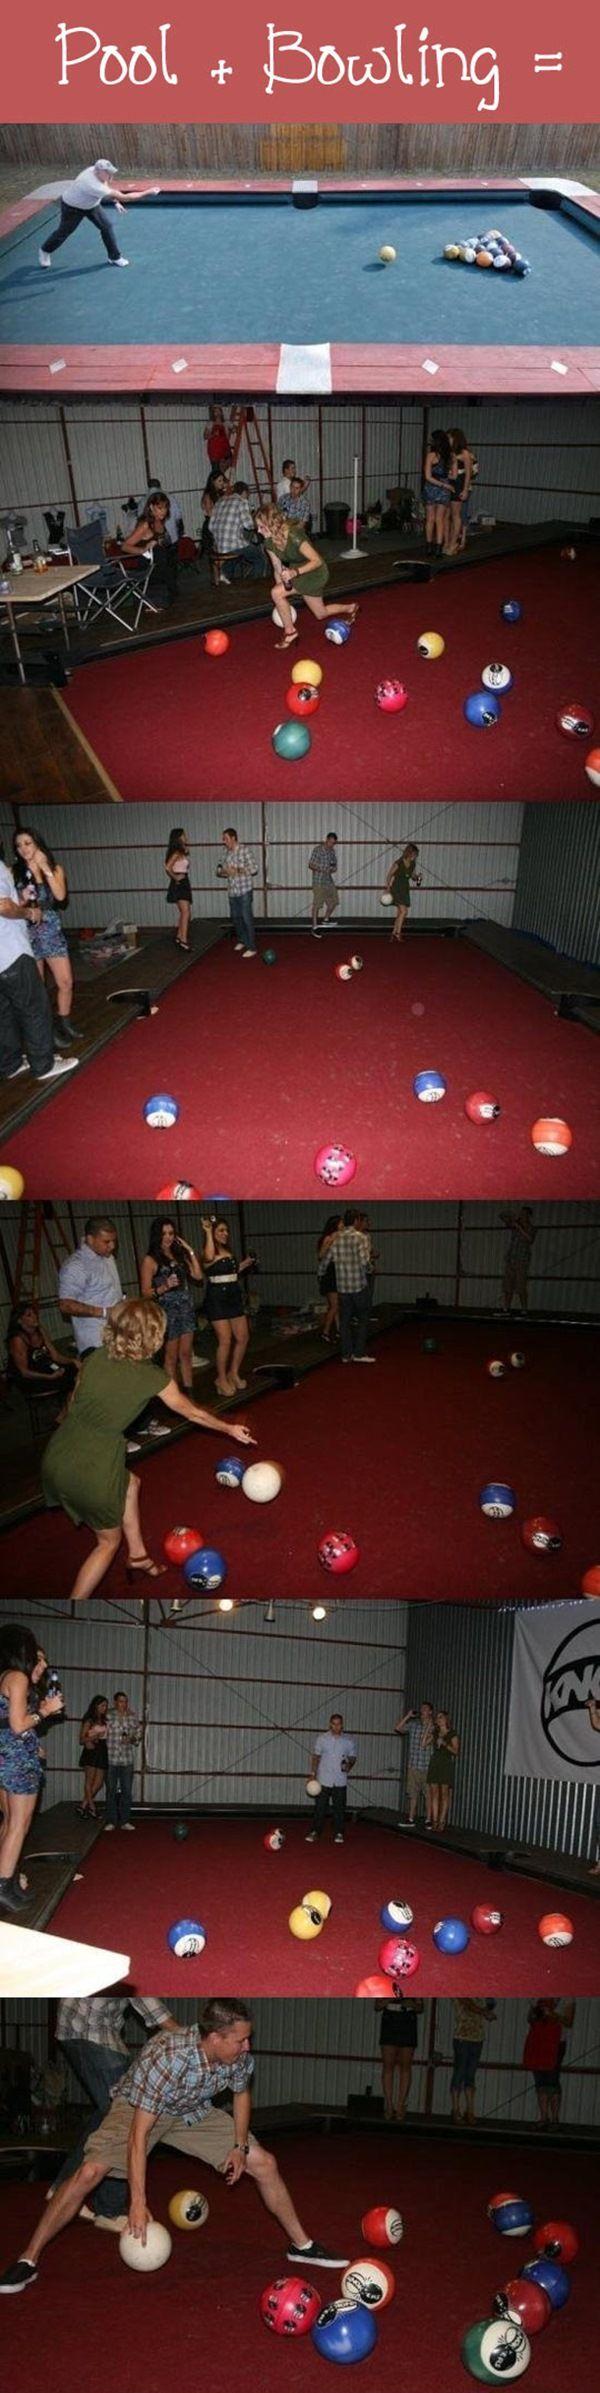 Pool Bowling Fun and have real cool fun.